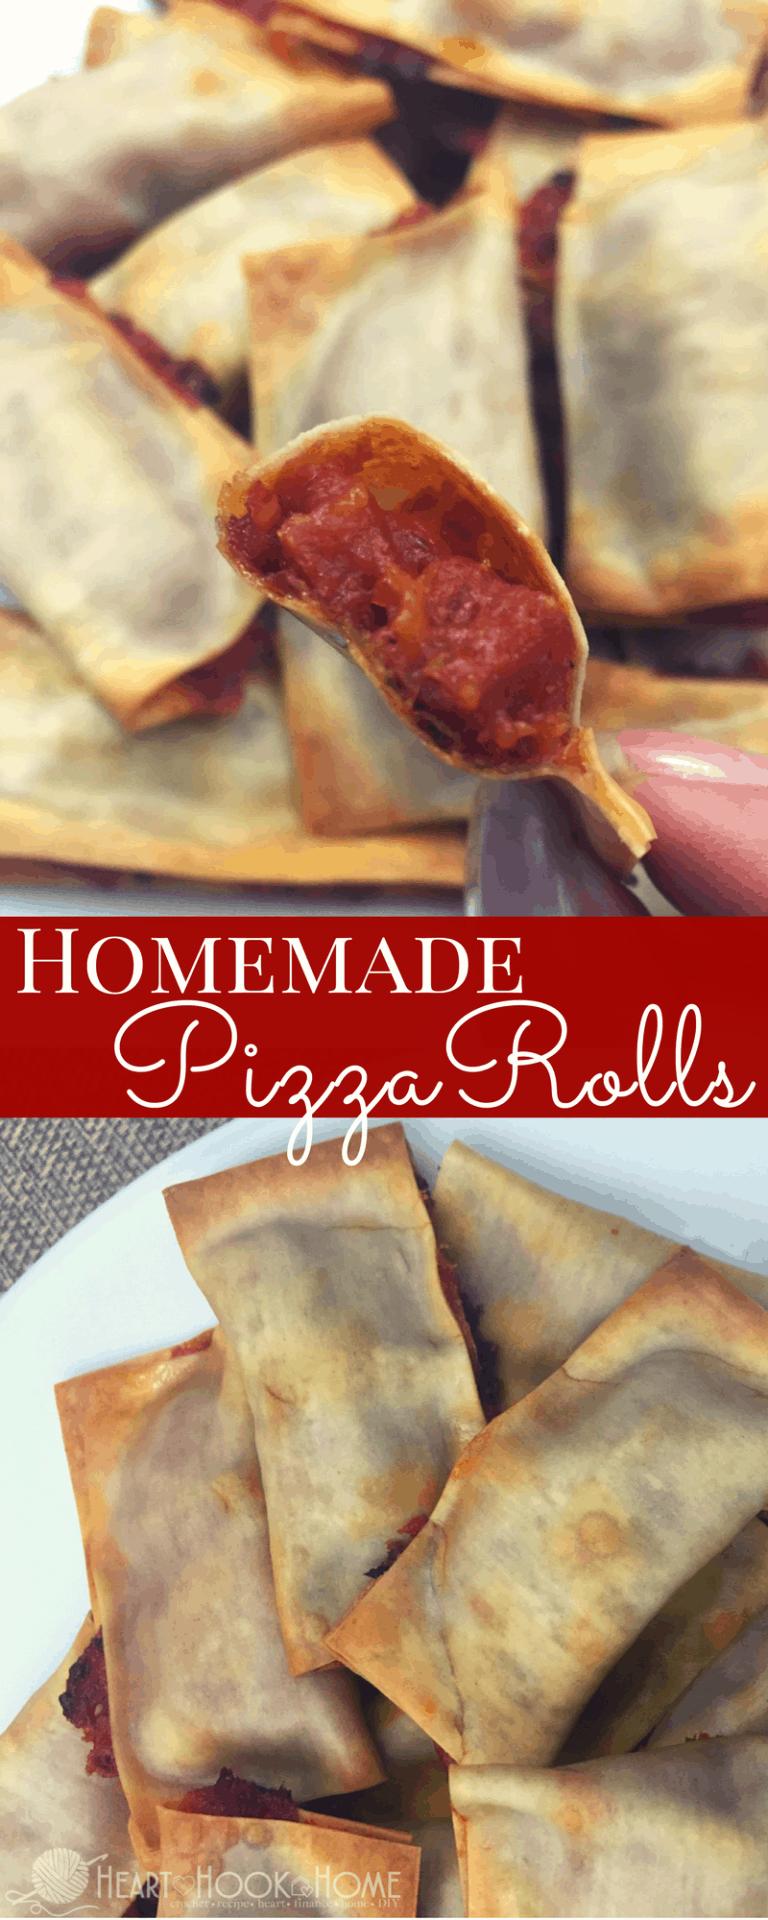 Homemade (Baked) Pizza Rolls